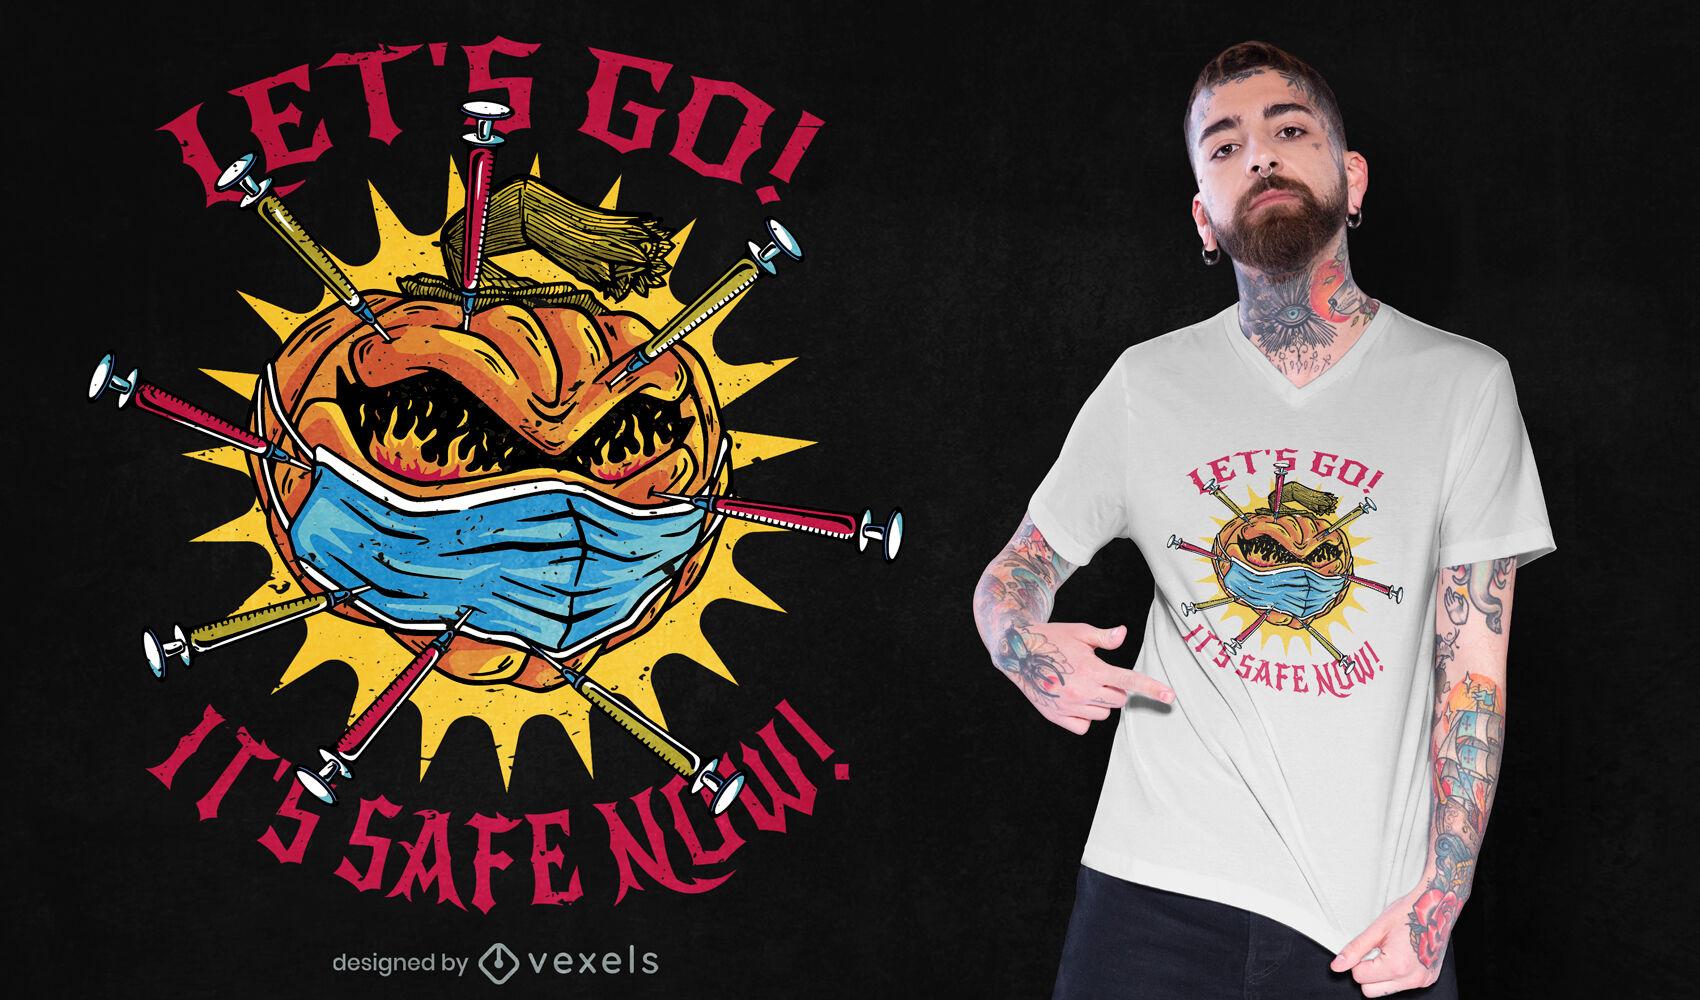 Dise?o de camiseta de ilustraci?n de calabaza vacunada.